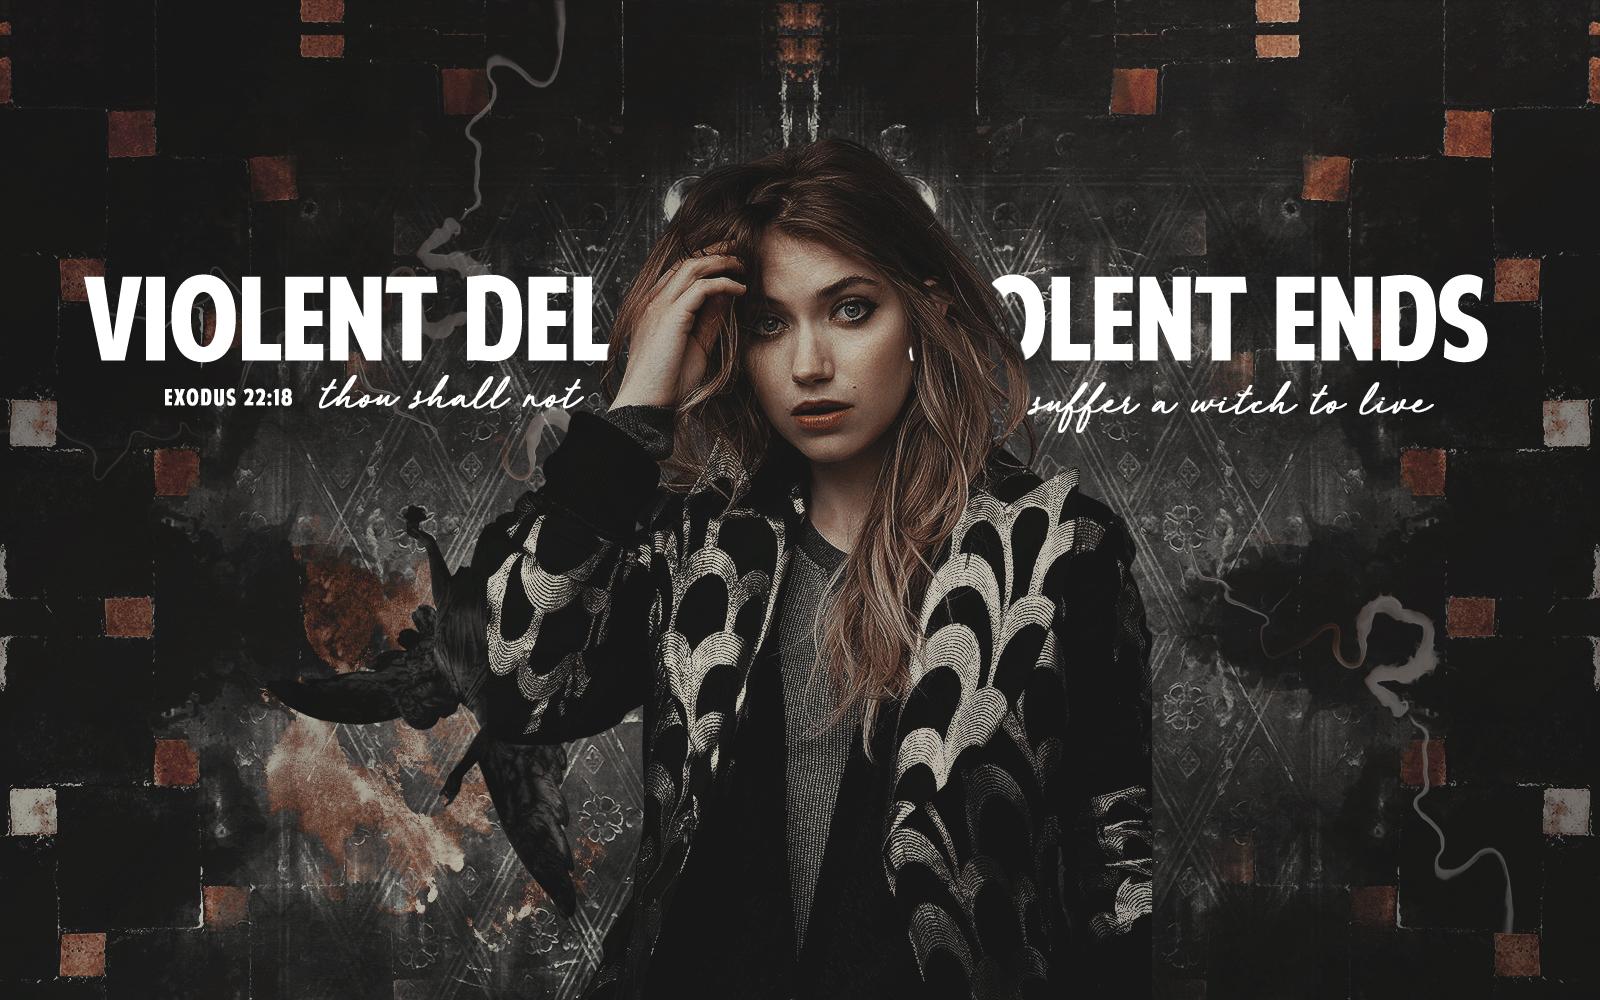 VIOLENT DELIGHTS / VIOLENT ENDS